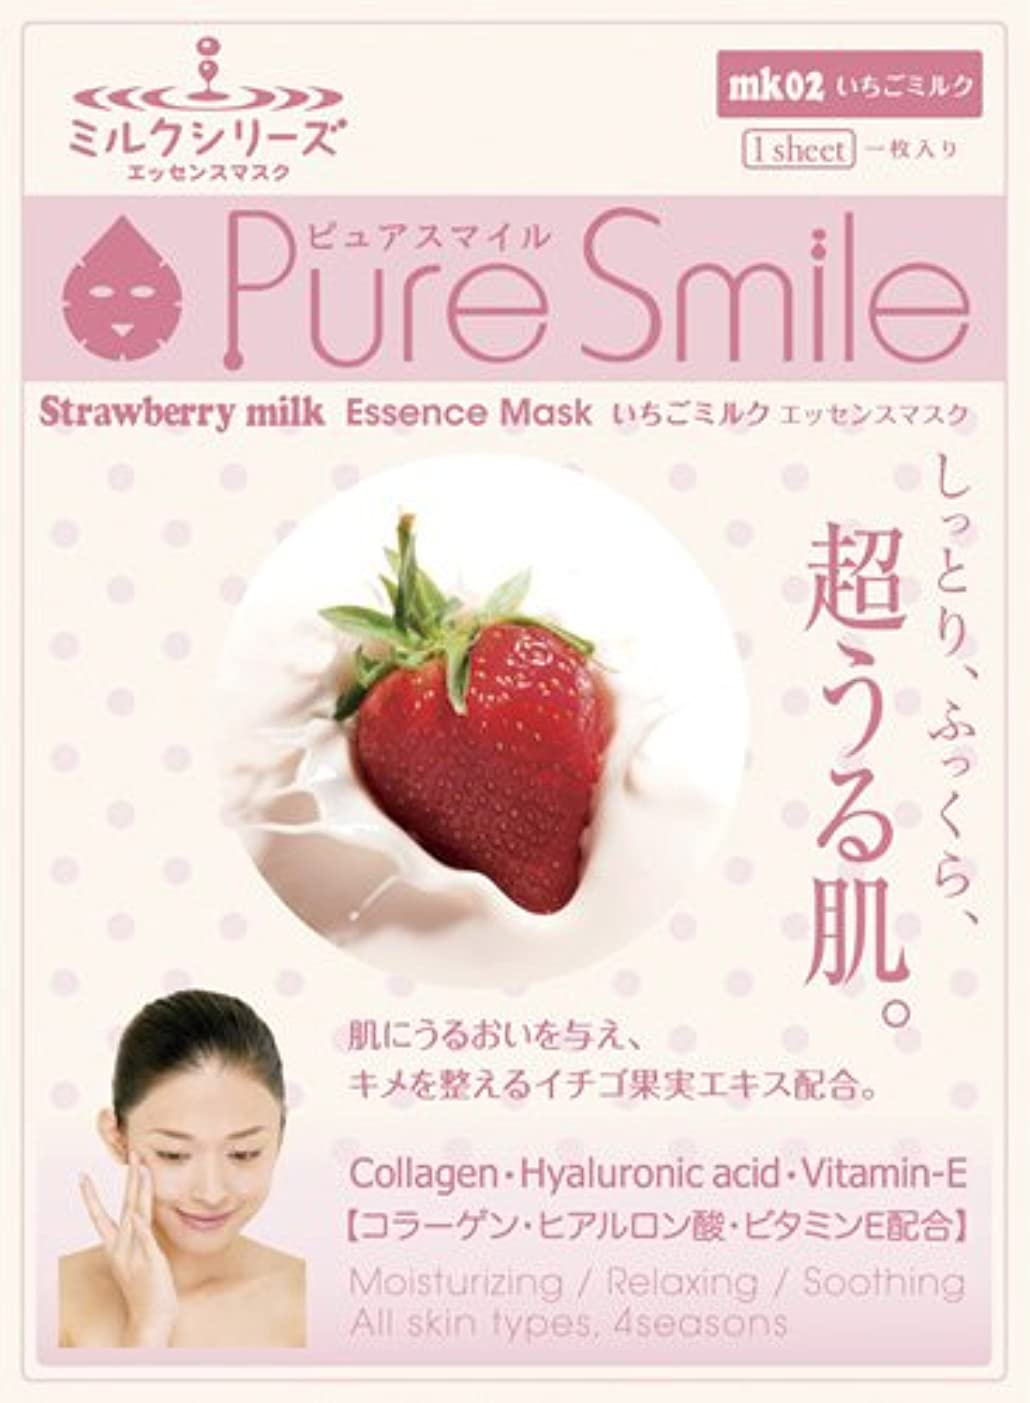 パッチ経験みPure Smile シートマスク 30枚セット イチゴミルク